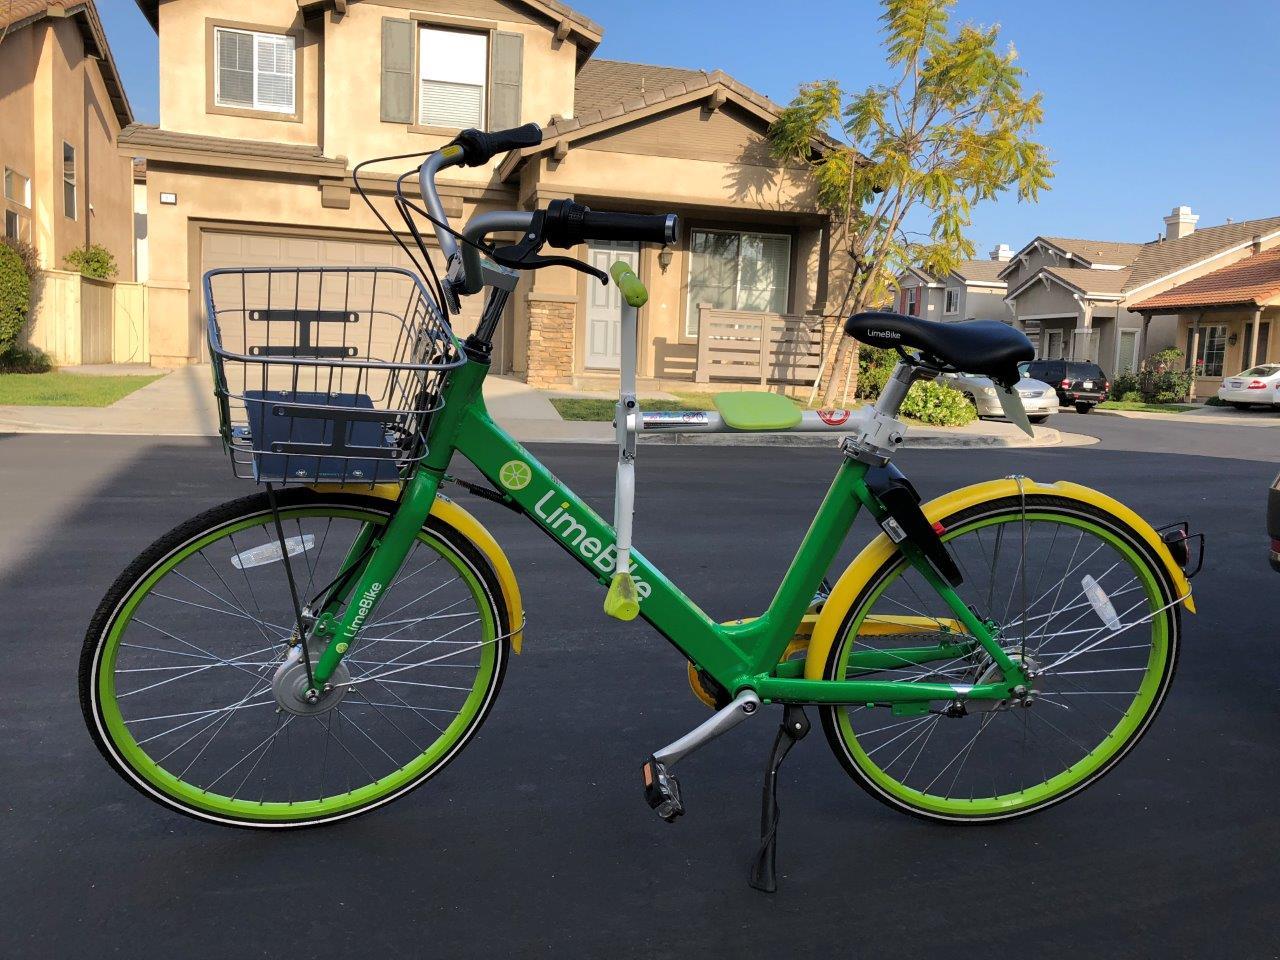 趴趴坐腳踏車兒童坐椅在美國 - LimeBike